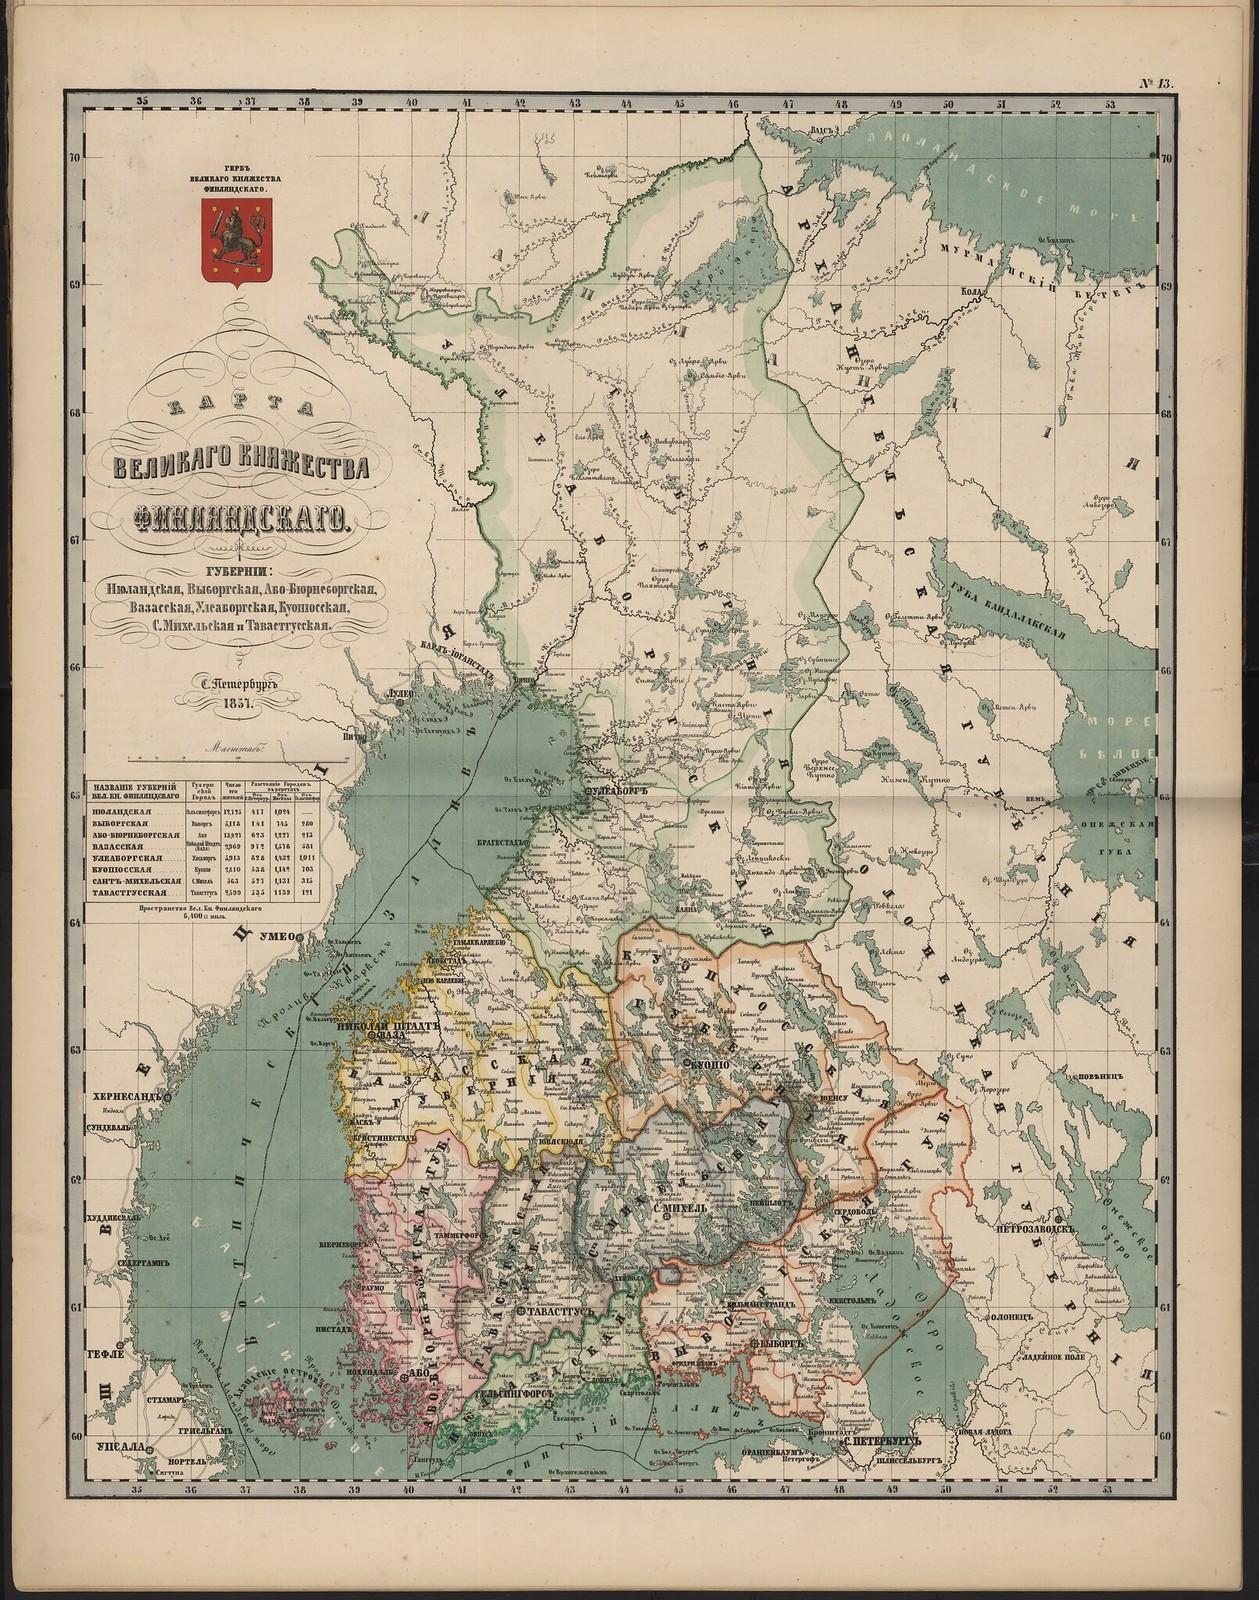 13. Карта Великого Княжества Финляндского.